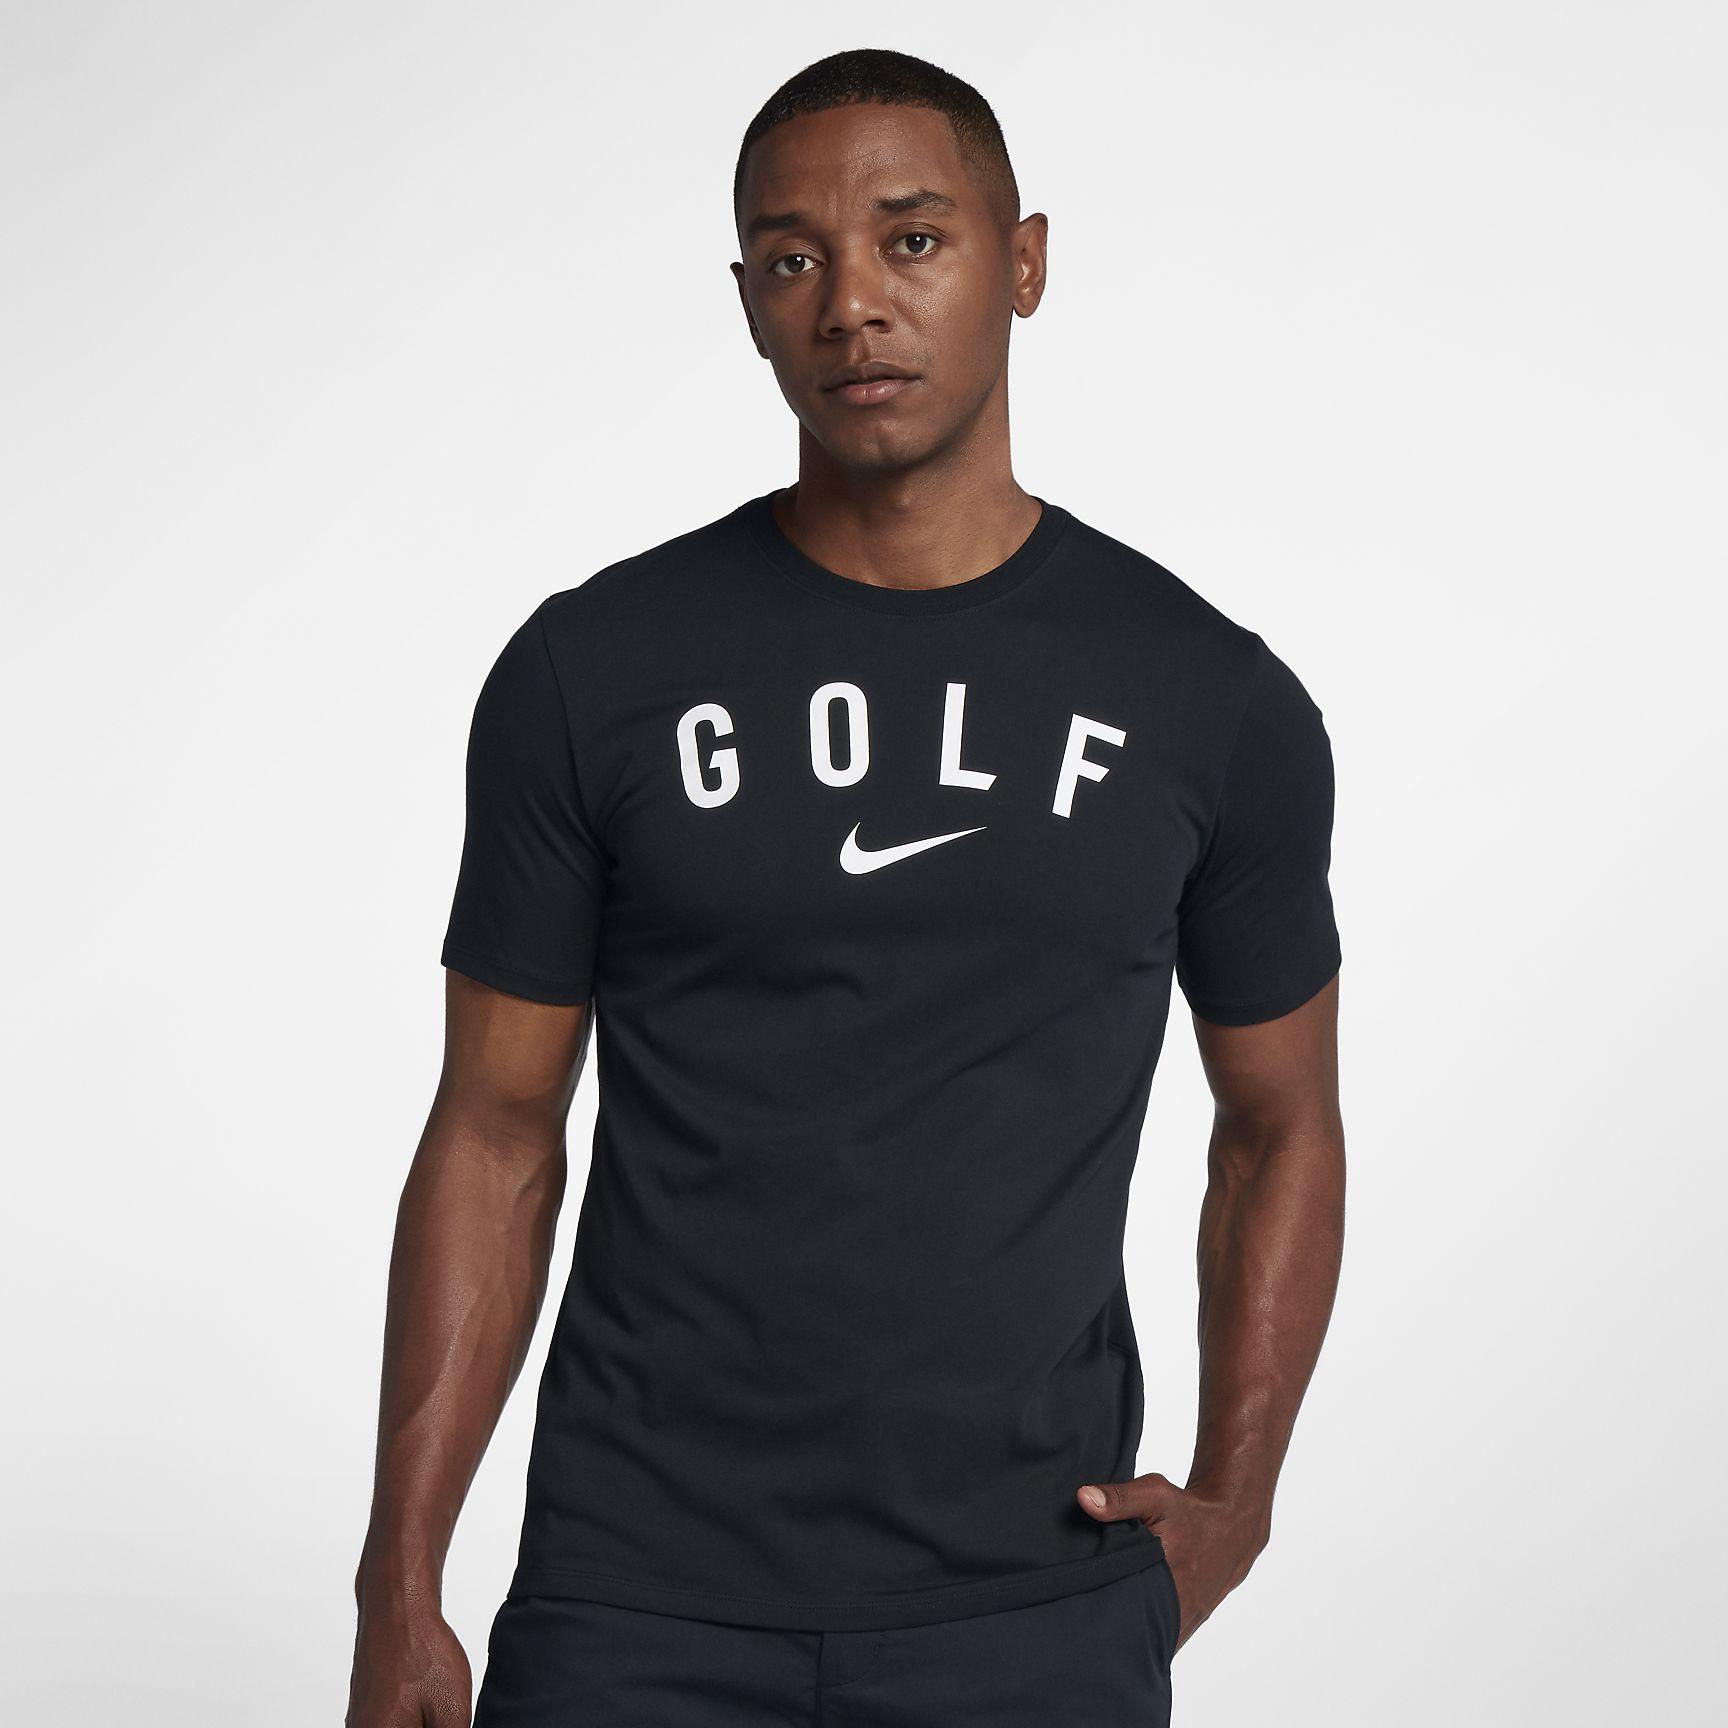 dri-fit-mens-golf-t-shirt-8ZMCtB.jpg